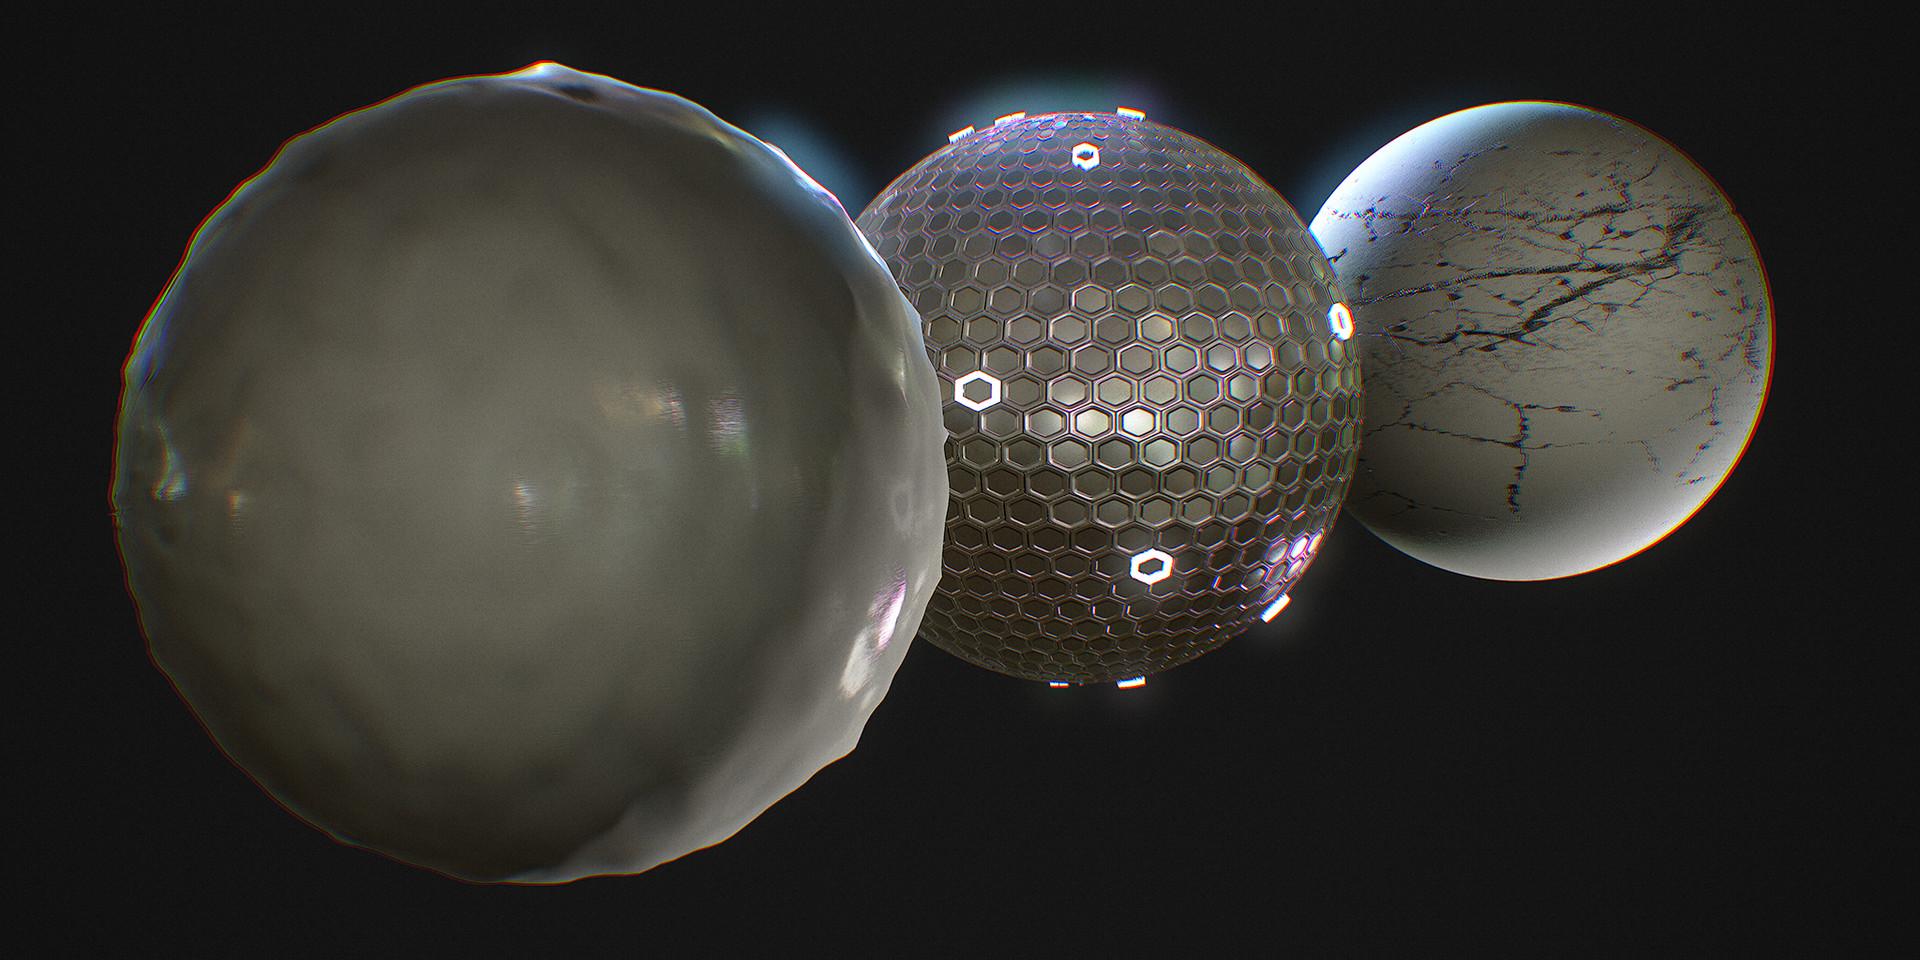 Hannu koivuranta renderspheres detail 2